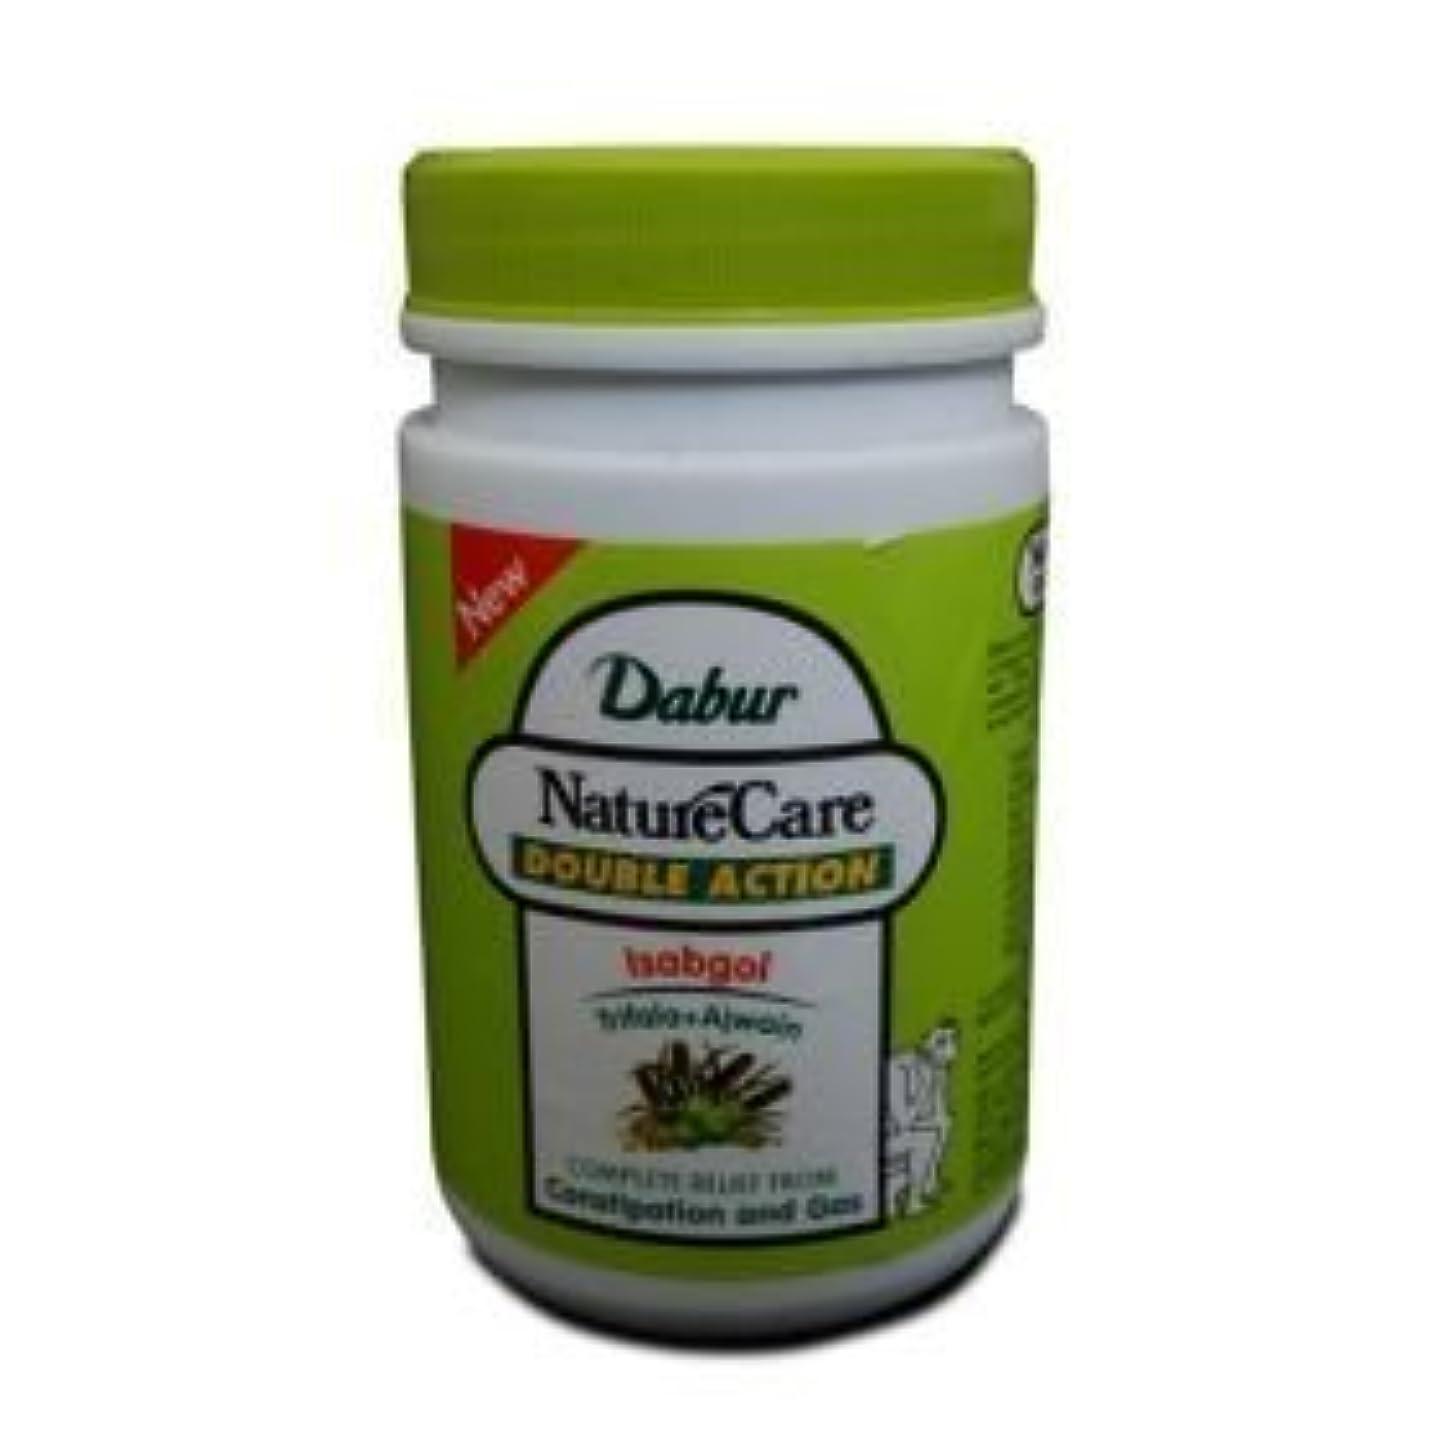 マチュピチュ告白する肯定的Dabur Naturecare Double Action Isabgol Husk Effective Relief From Gas,constipation 100 Grams by Dabur [並行輸入品]